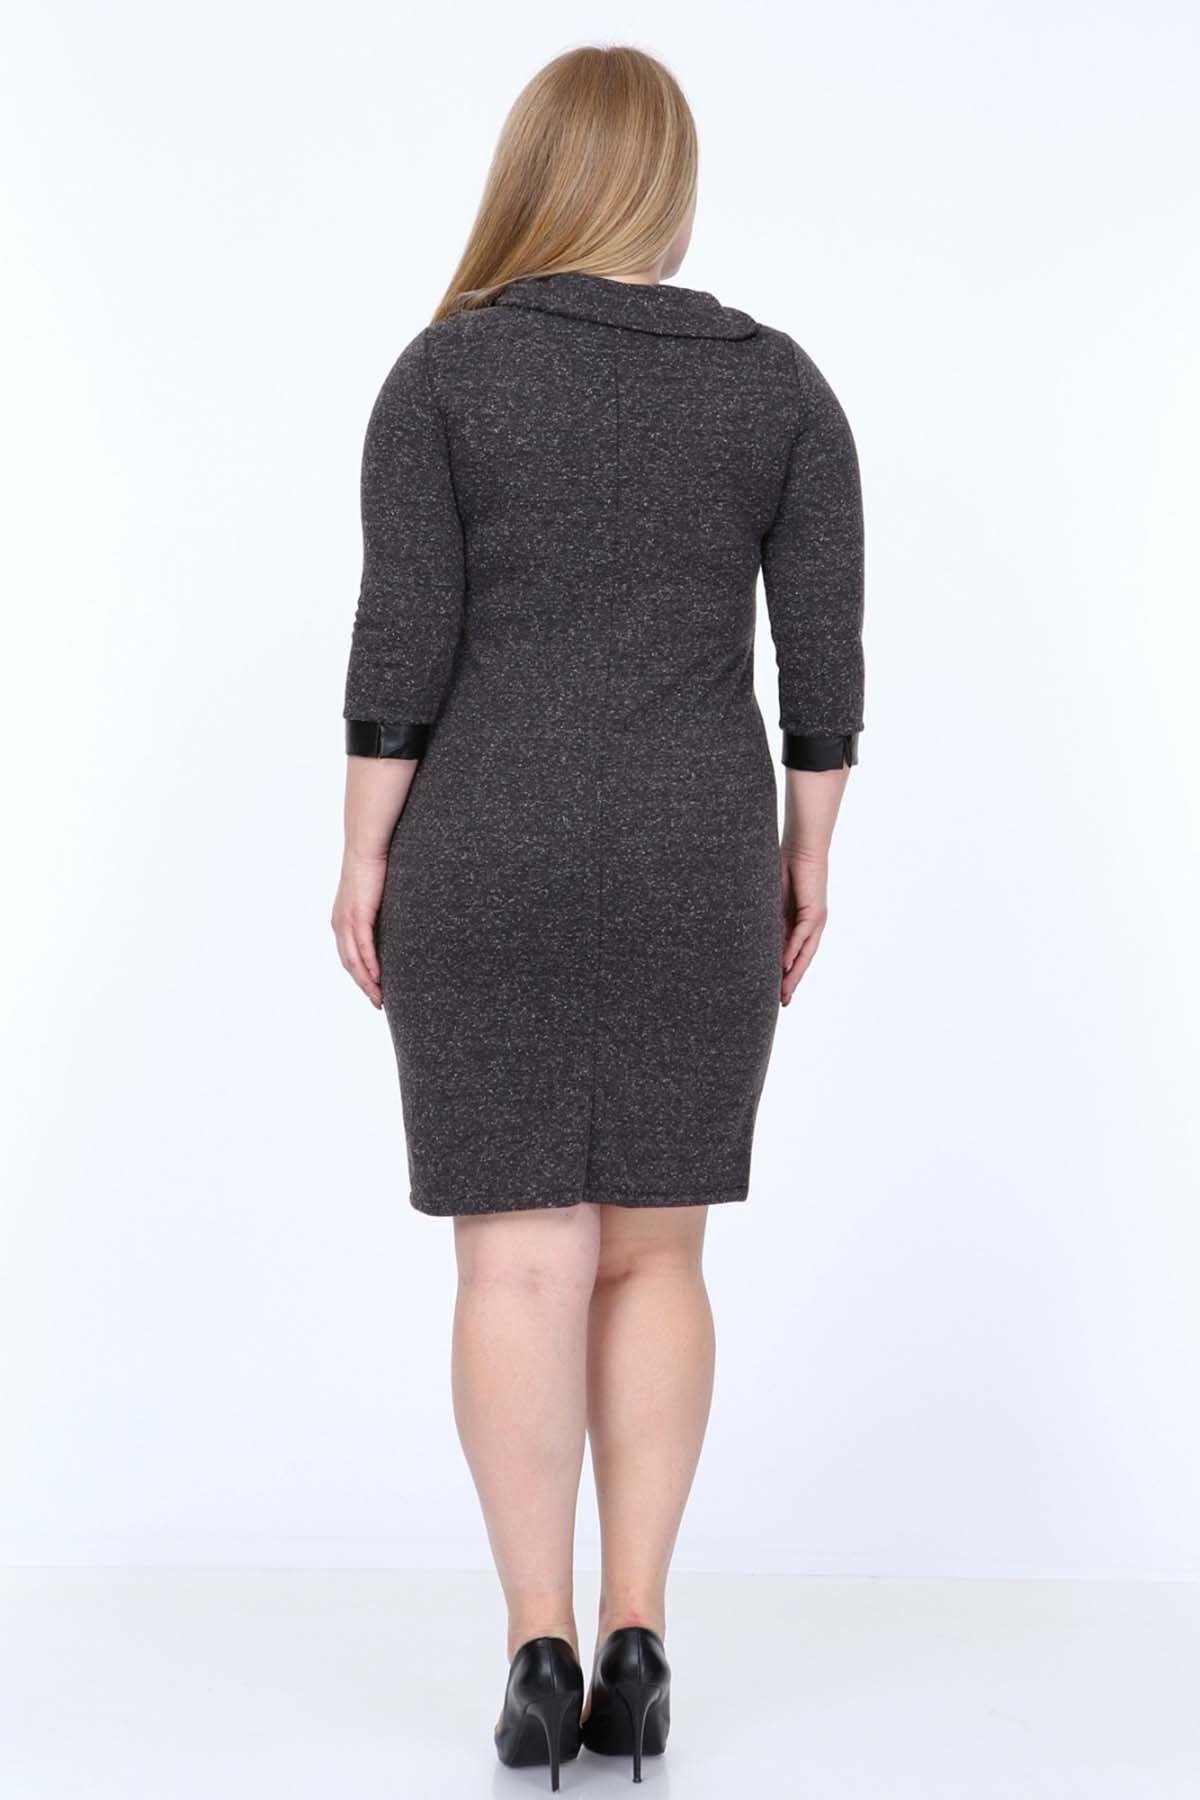 Antrasit Taşlı Derili Büyük Beden Elbise 20Y-0822